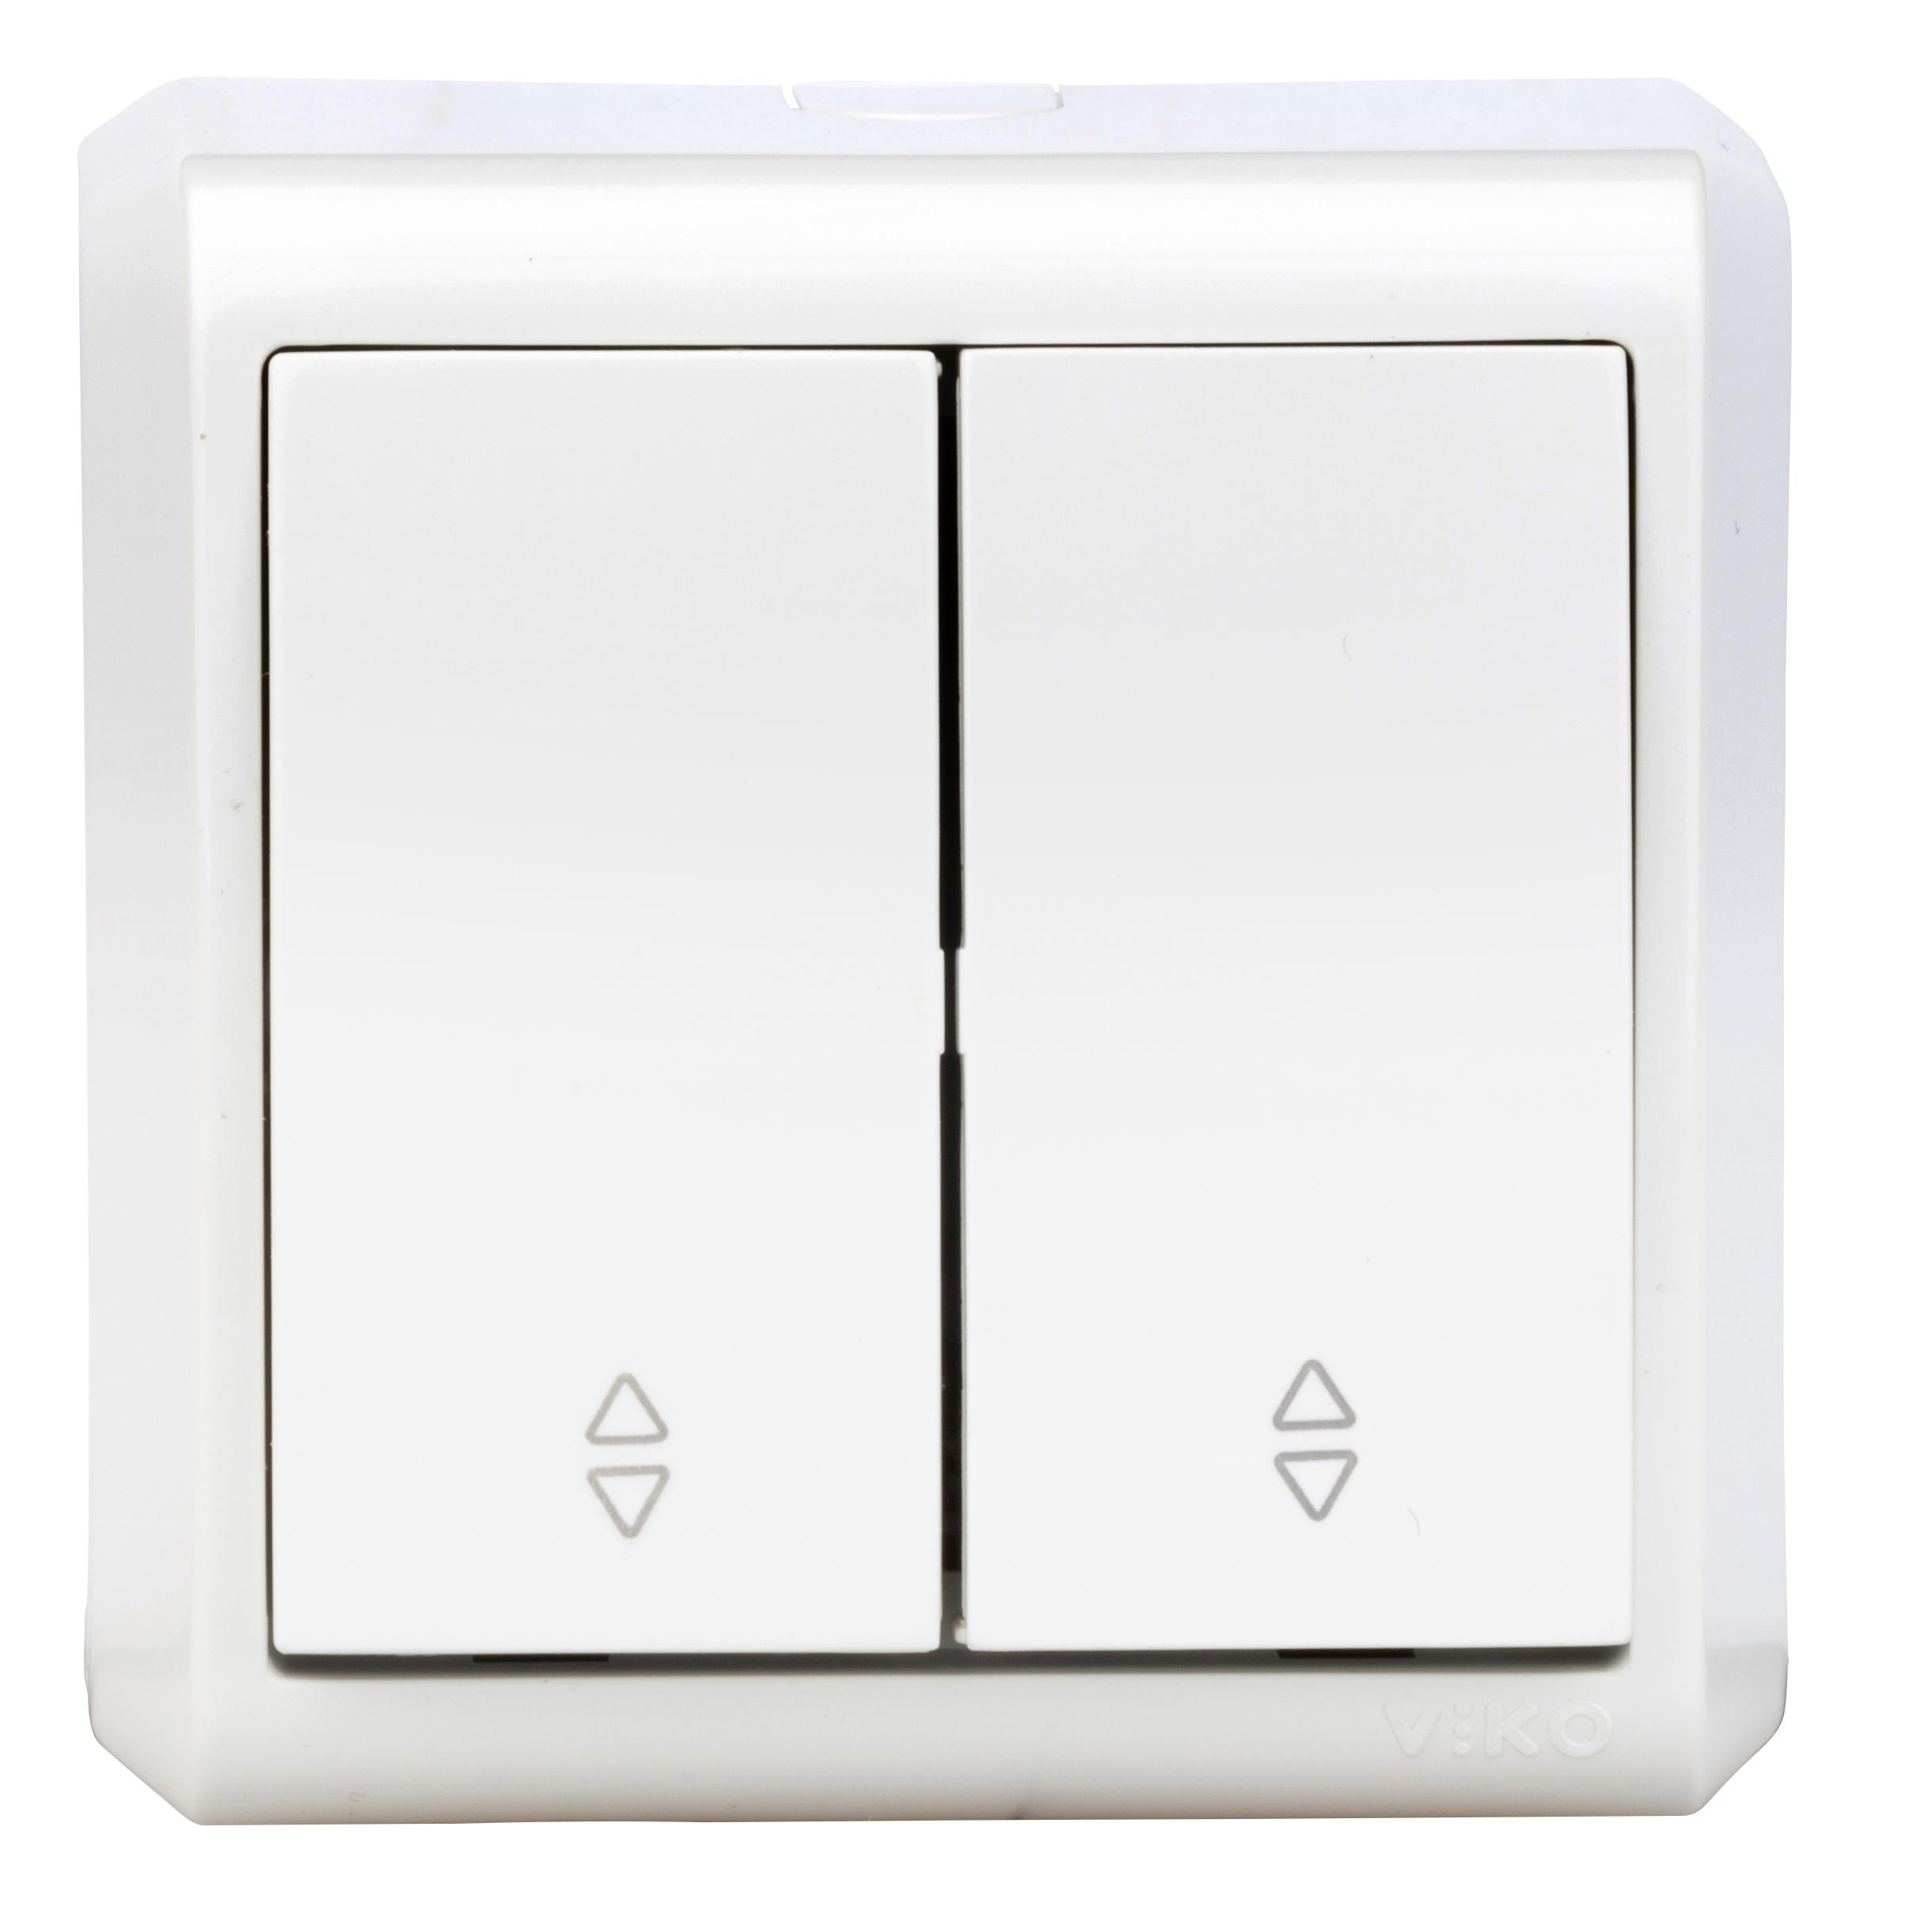 1 Stk AP-Doppelwechselschalter, Schraubklemme, IP20, weiß EV310006--